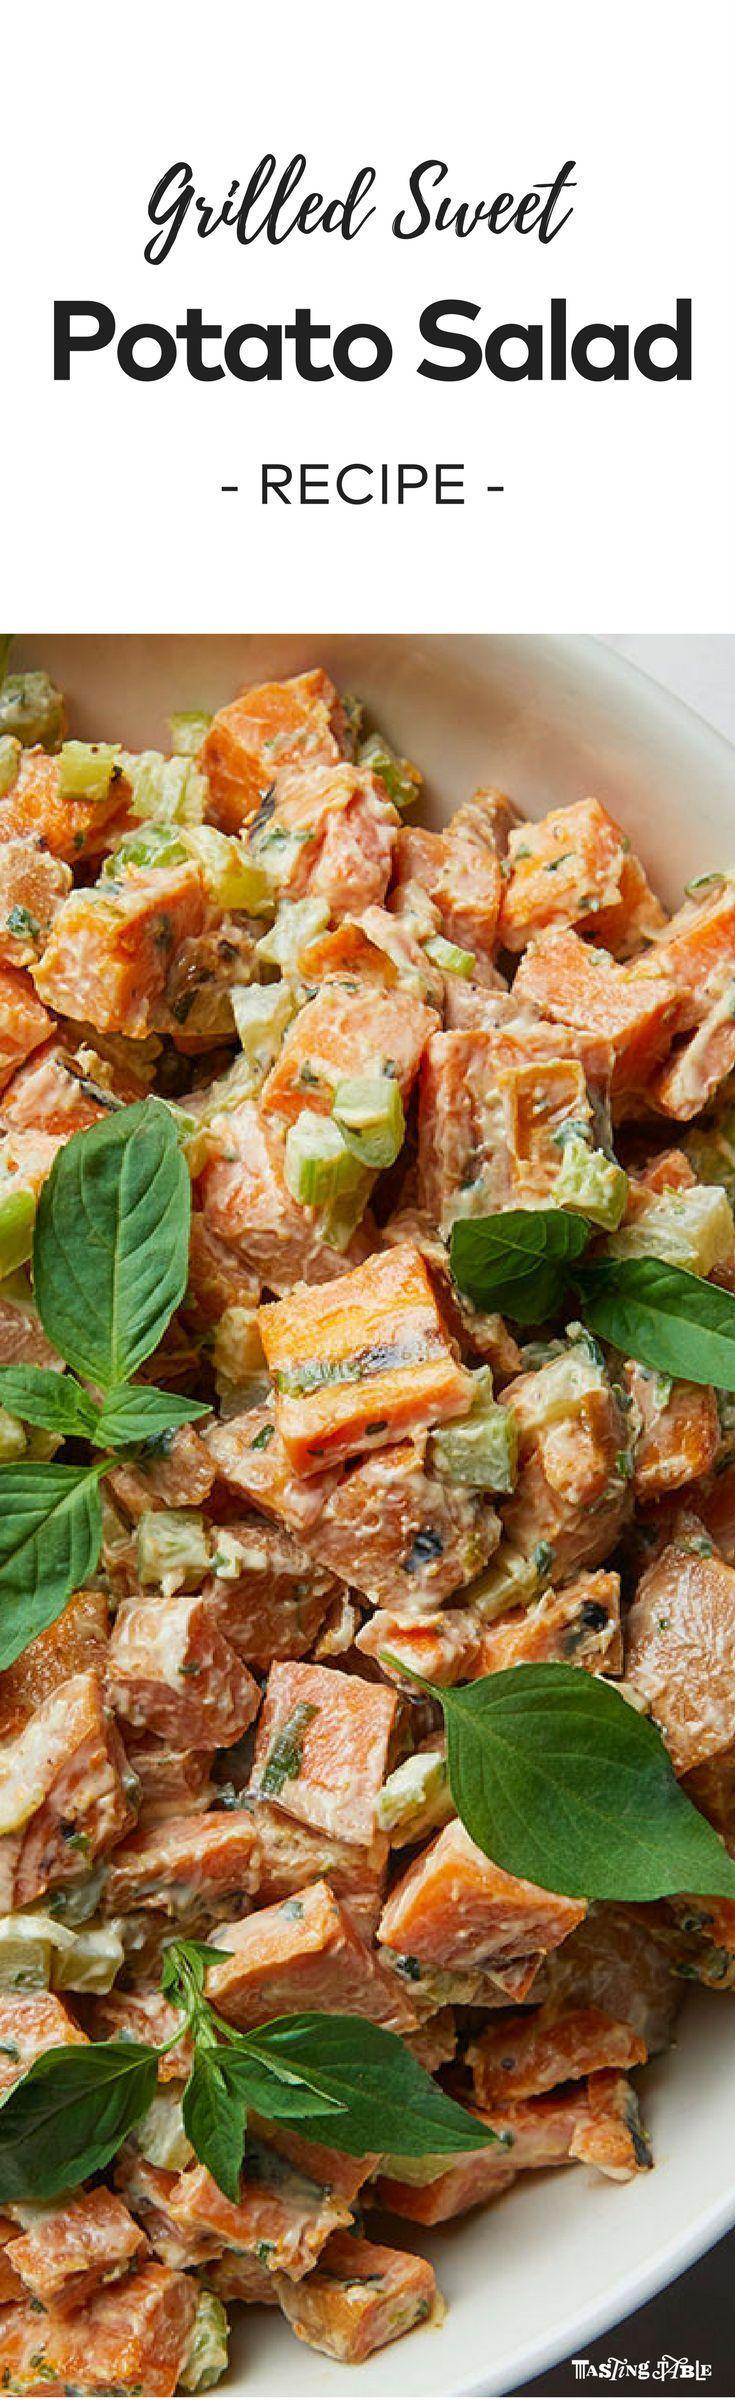 1053 besten Salads/ Dressing Bilder auf Pinterest   Sommer, Belegte ...